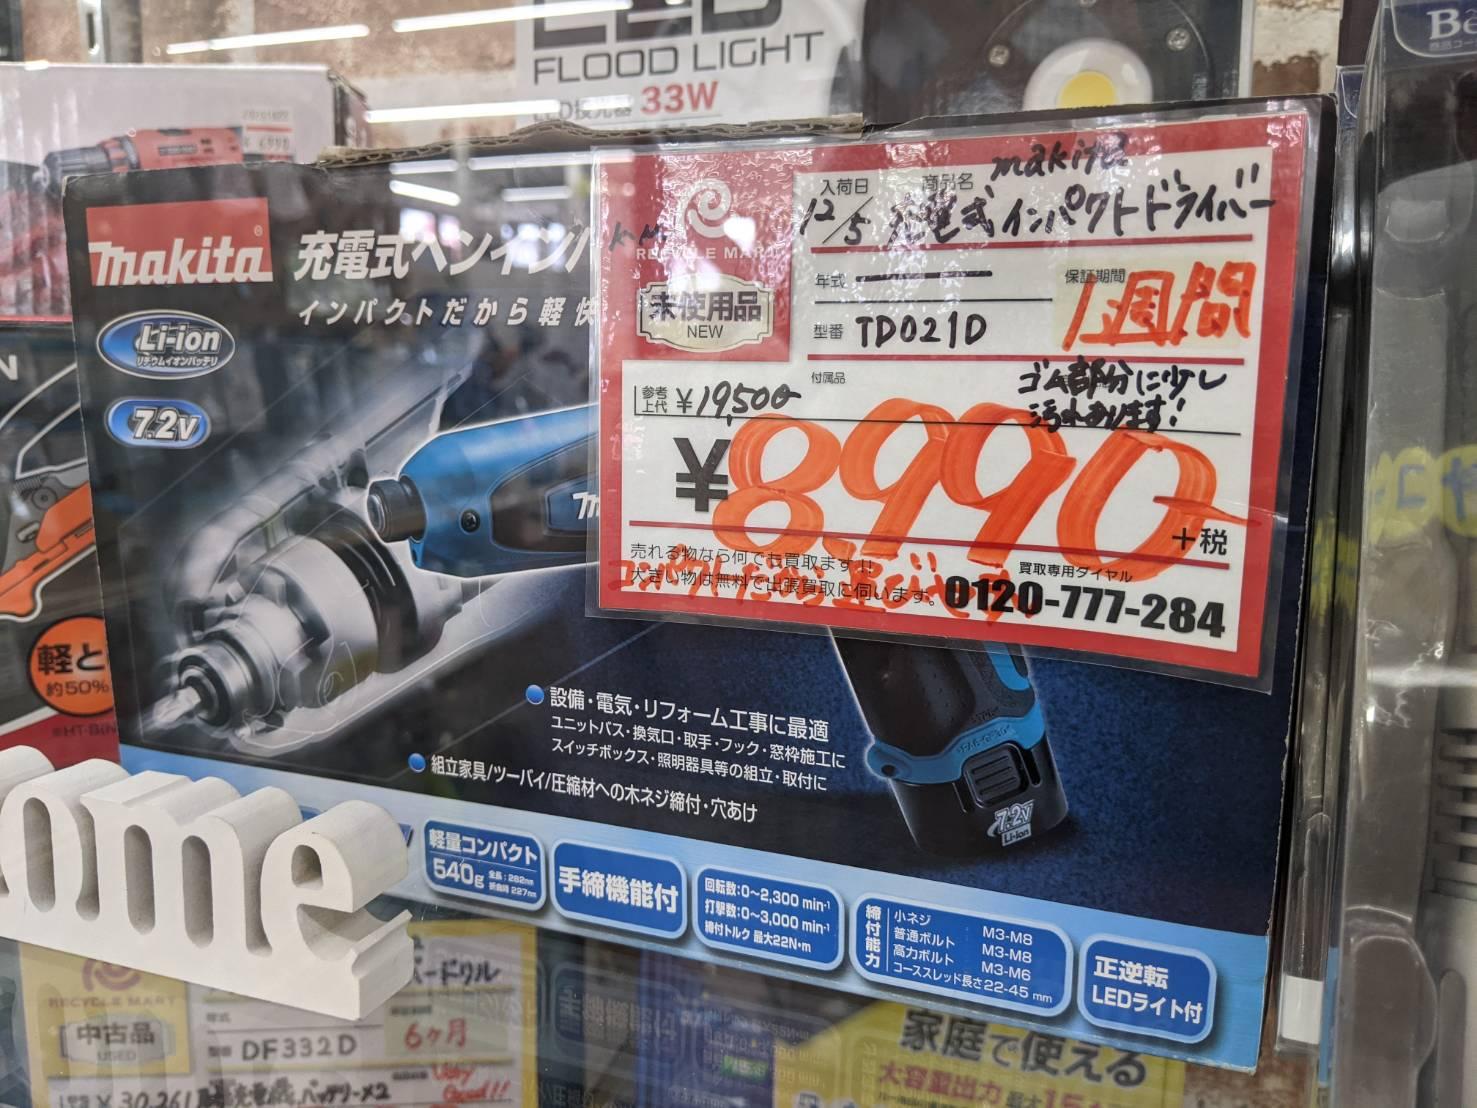 makita マキタ 電動式 インパクトドライバー TD021D を入荷致しました。の買取-